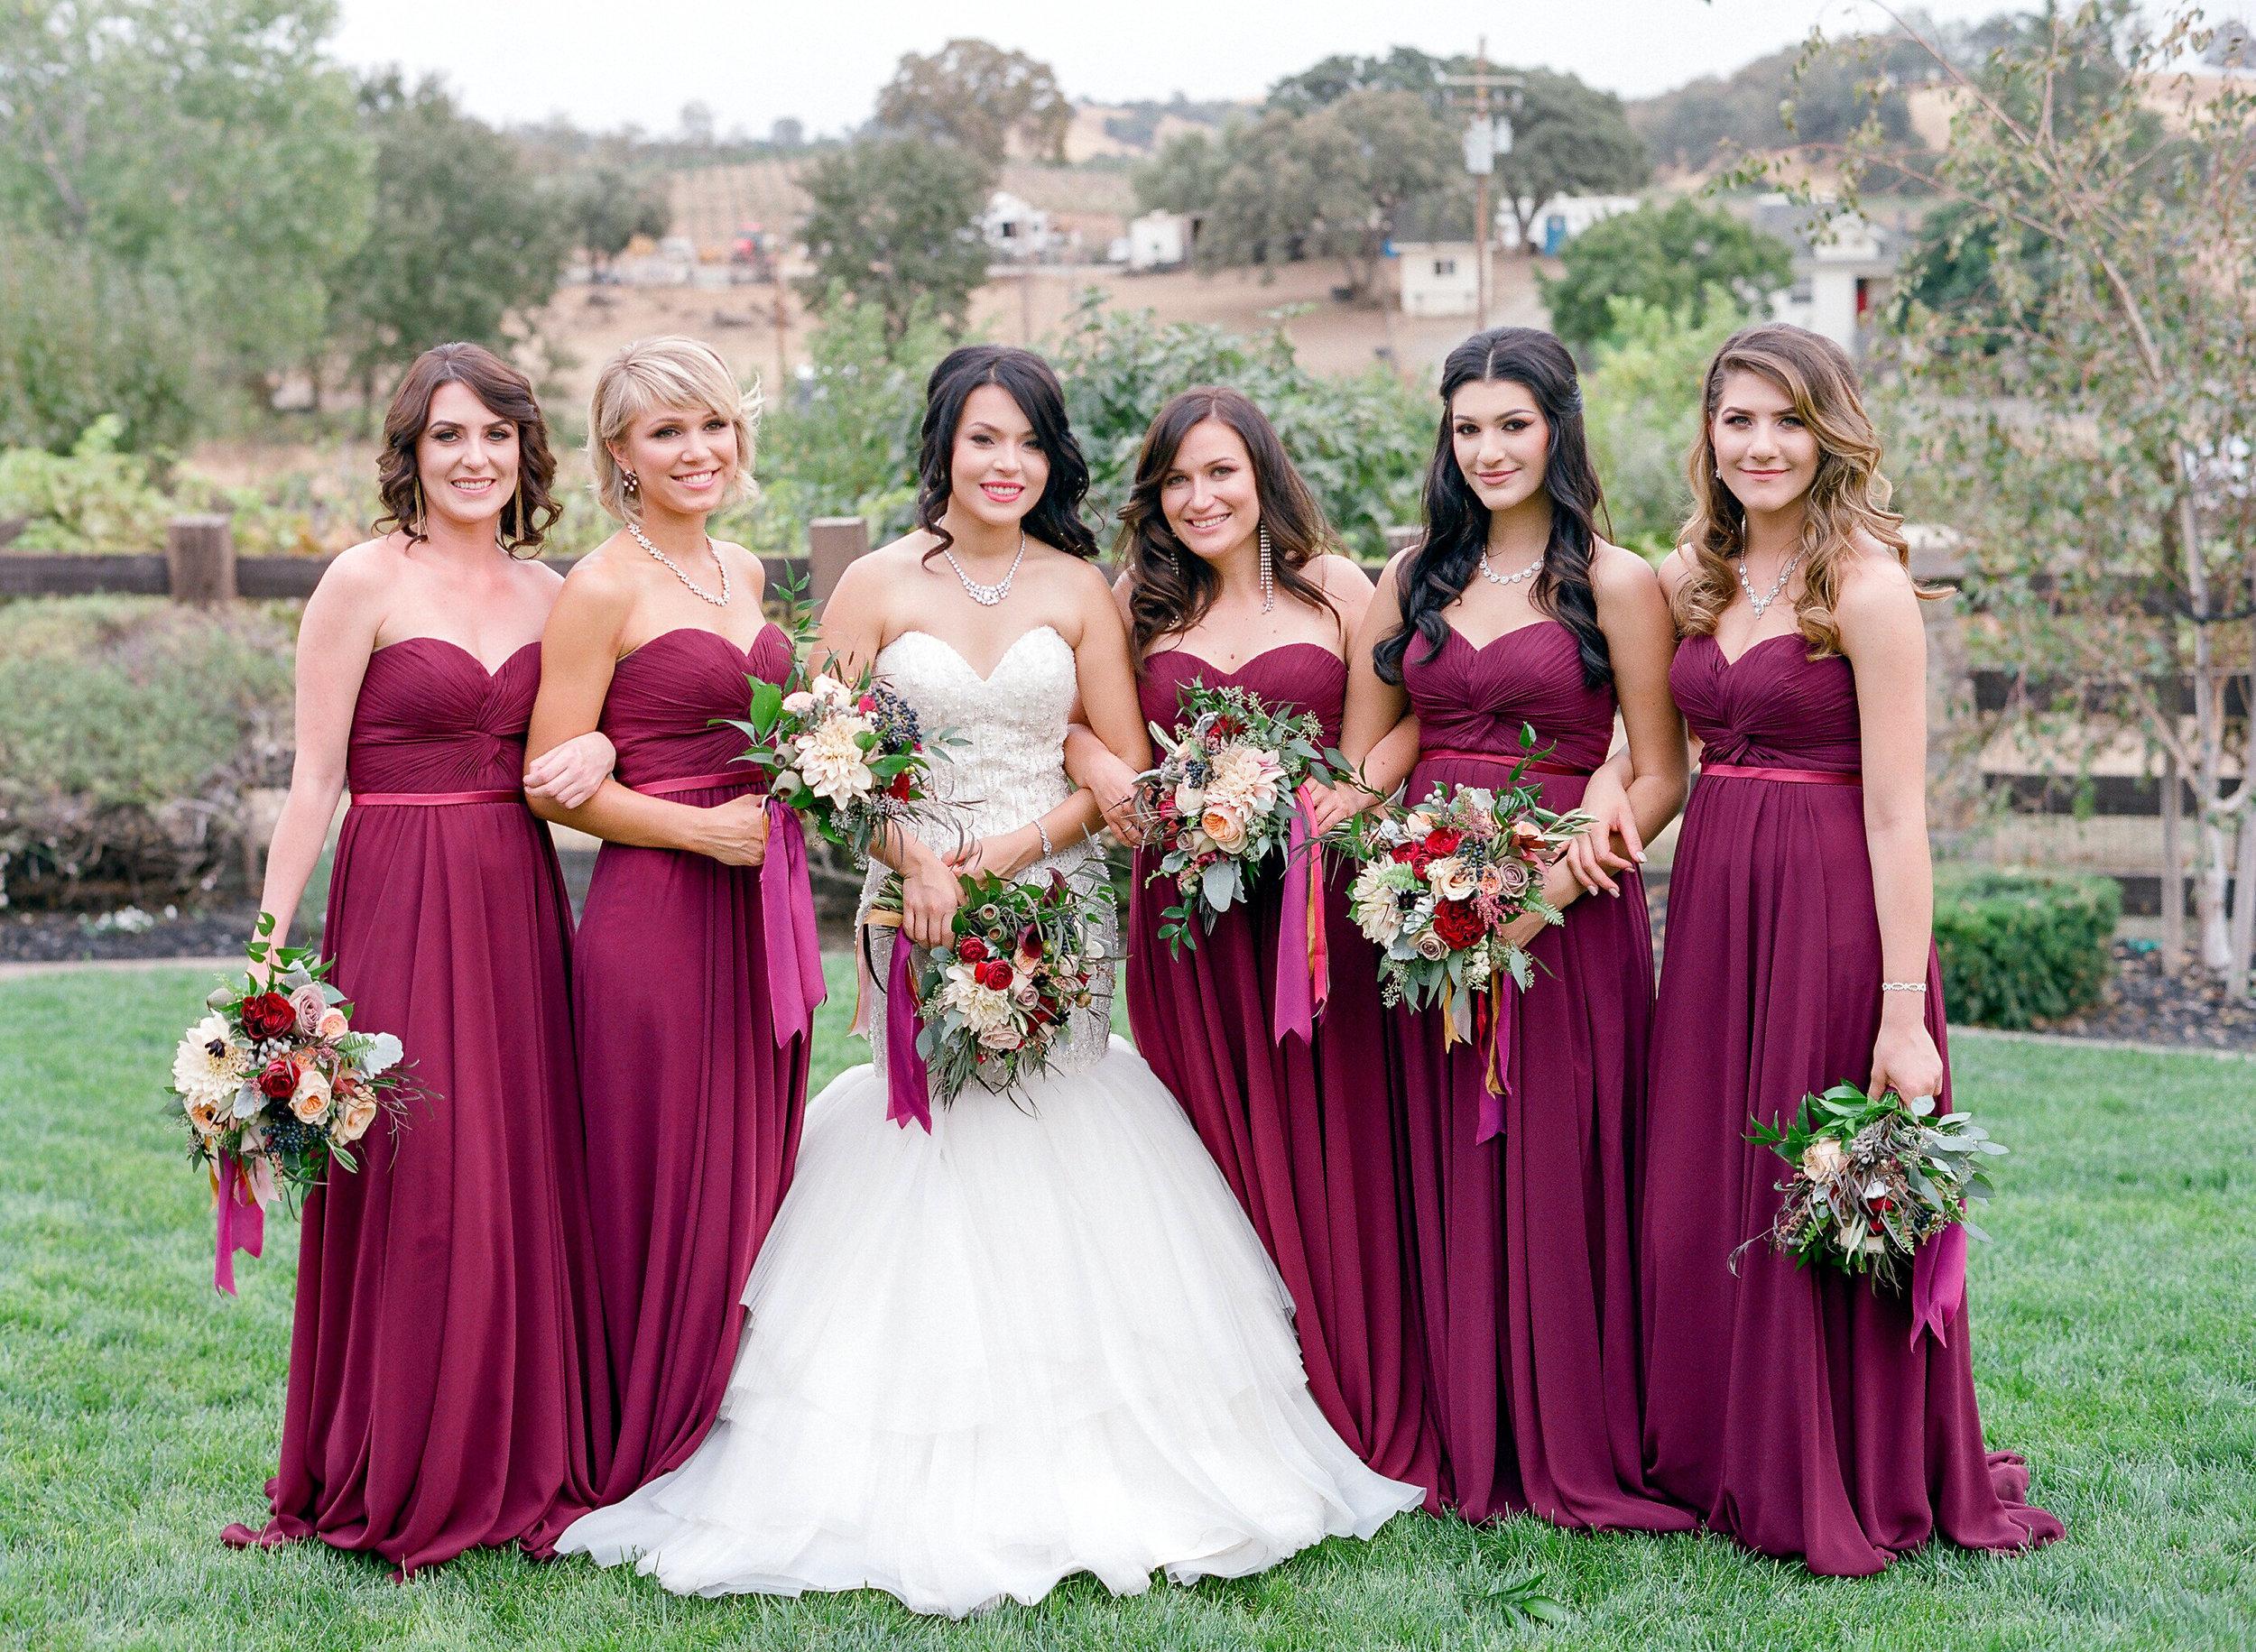 Amador_County_Wedding_Bride_Bridesmaids_Bouquets_Scenery_Rancho_Victoria_Vineyard_Northern_California.jpg